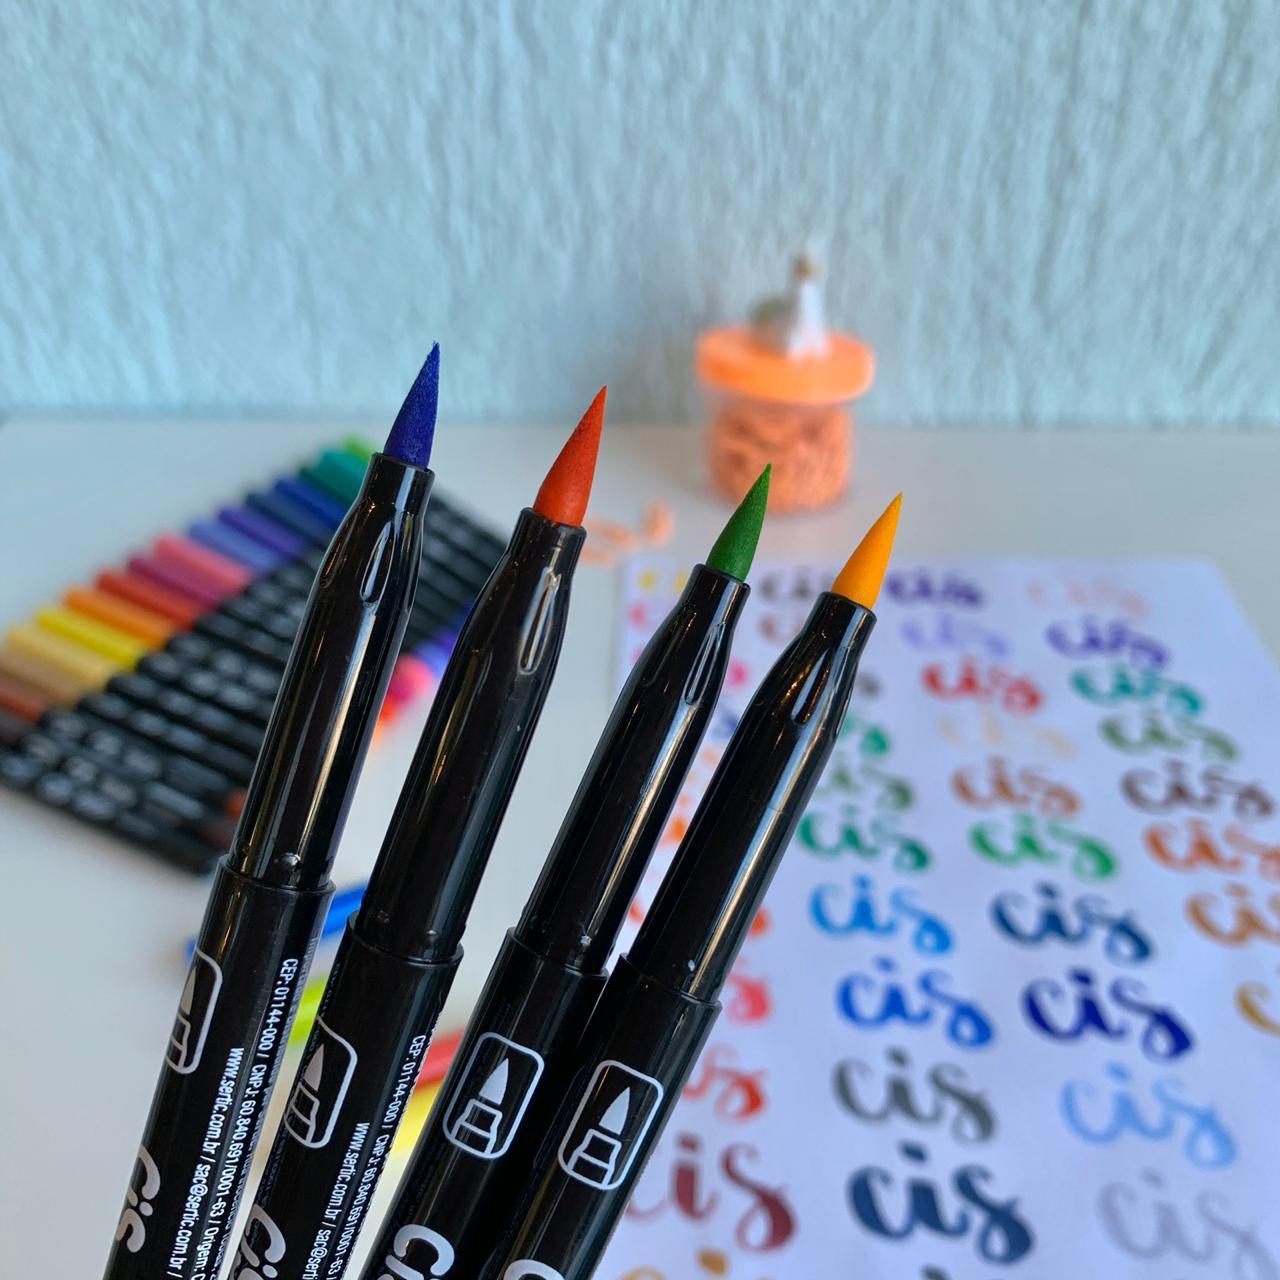 Caneta Brush Pen com Tinta Aquarelável 12 cores   CiS